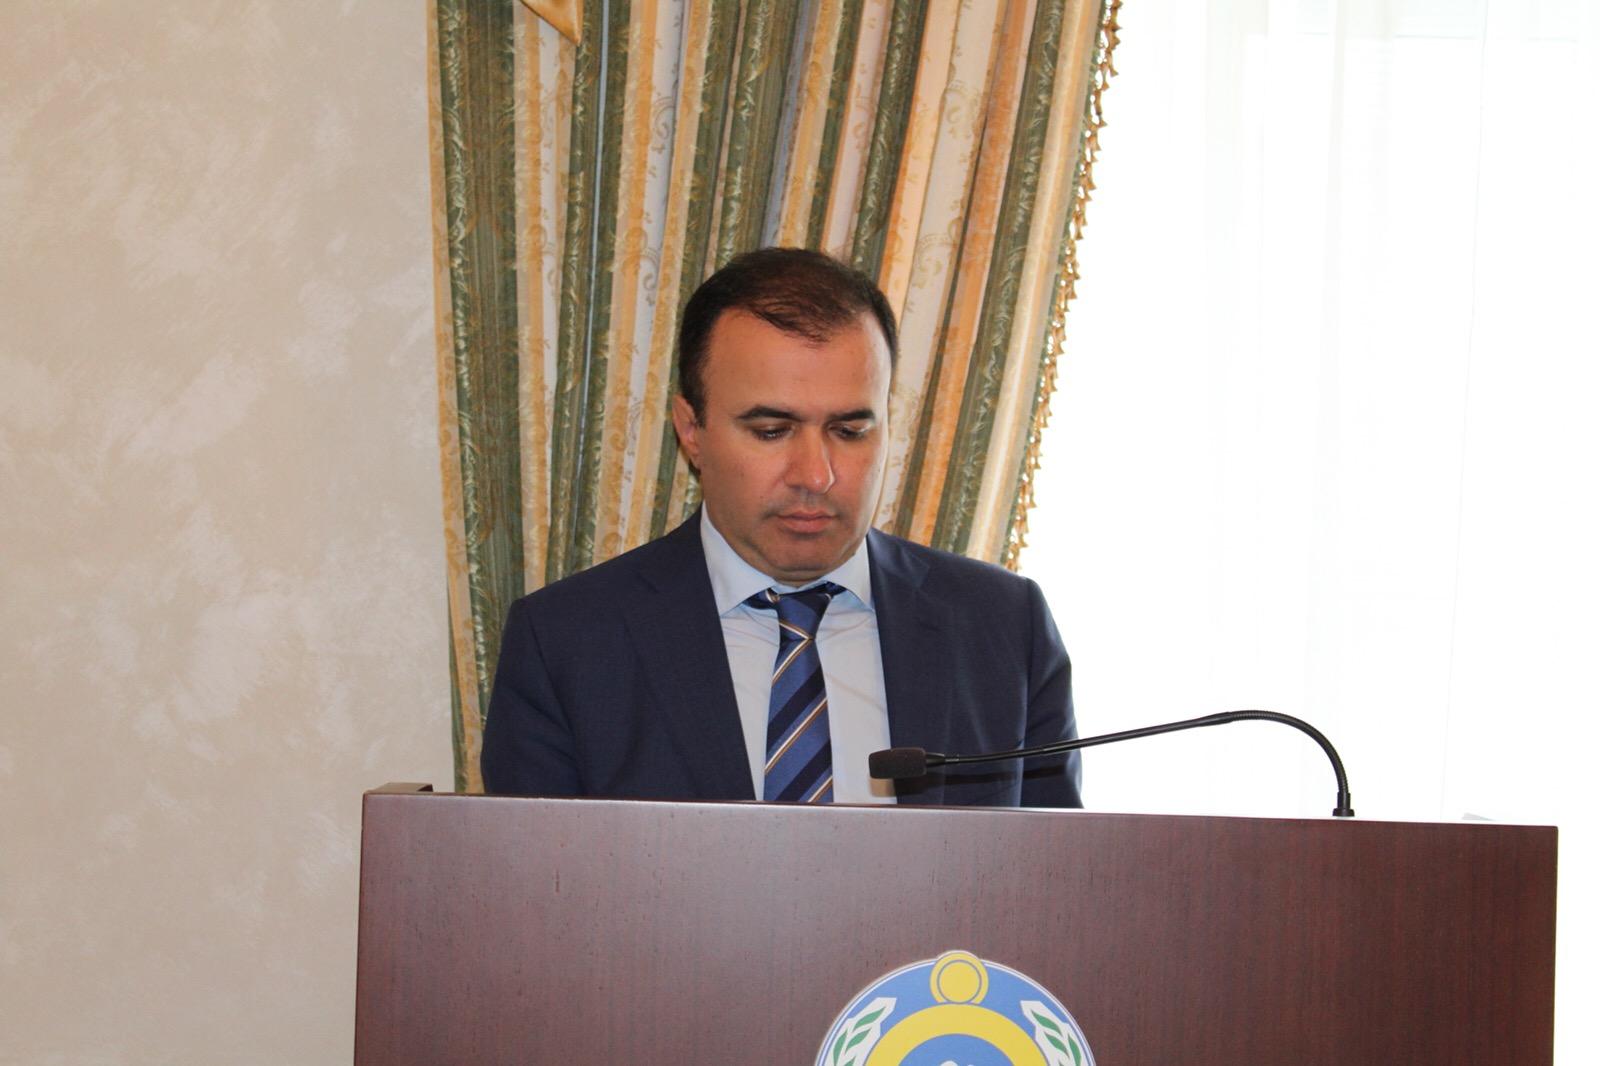 Министр финансов Карачаево-Черкесии Рустам Эльканов принял участие в заседании Комитета по экономической политике, бюджету, финансам, налогам и предпринимательству